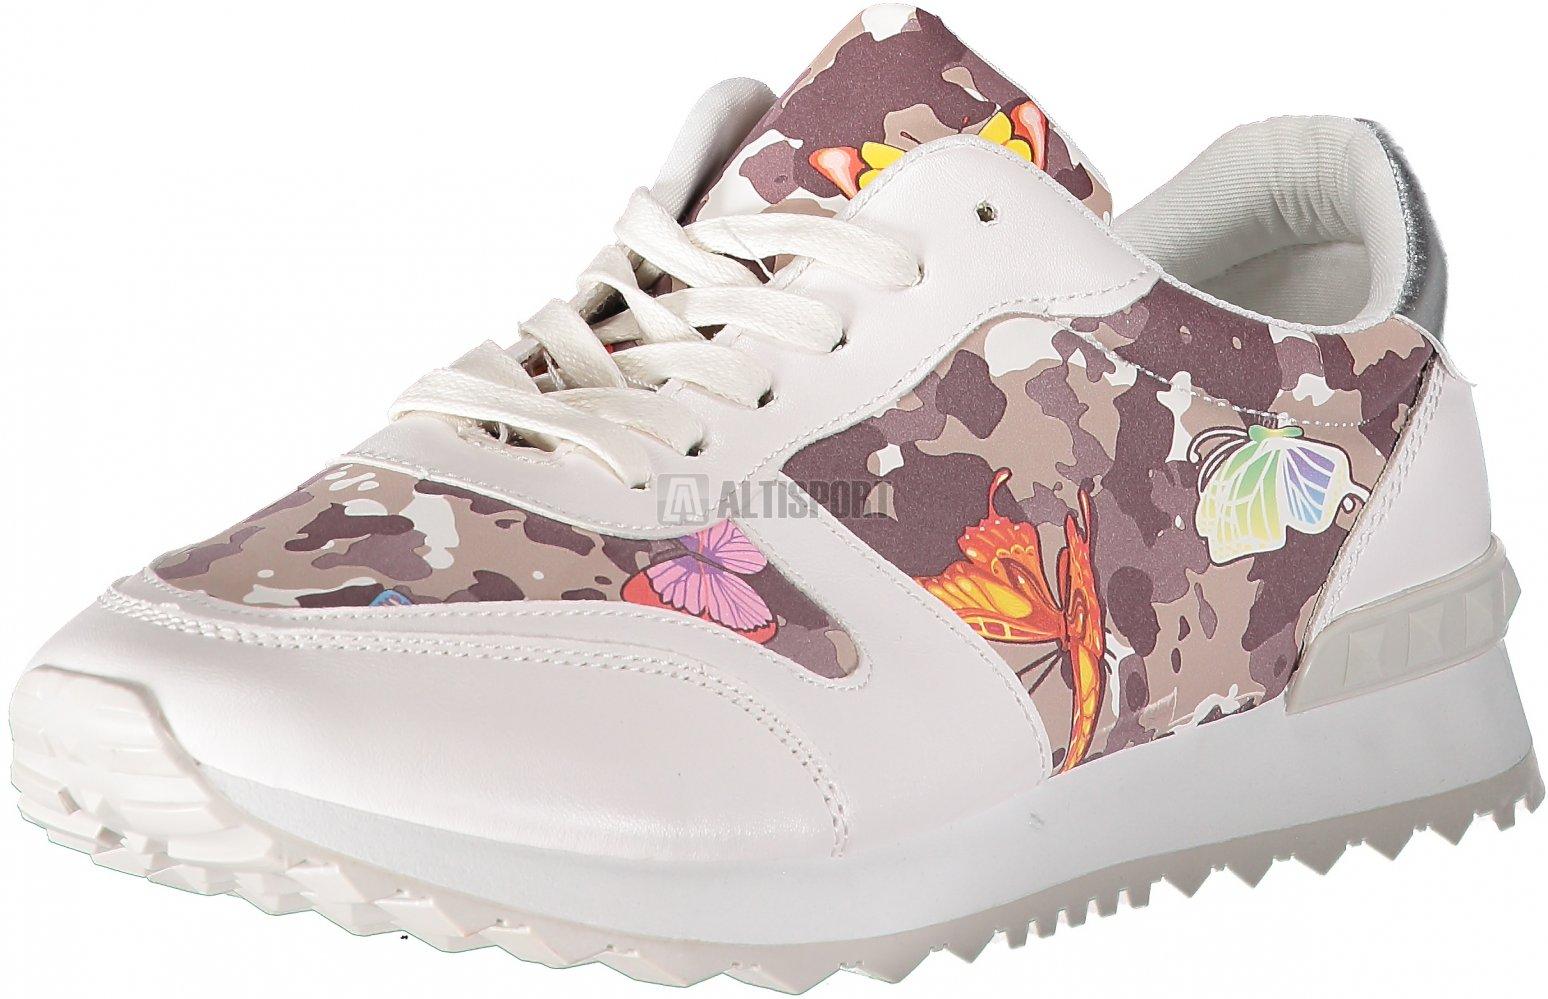 Dámské boty VICES 8371-41 WHITE velikost  36   ALTISPORT.cz e2218d2b98